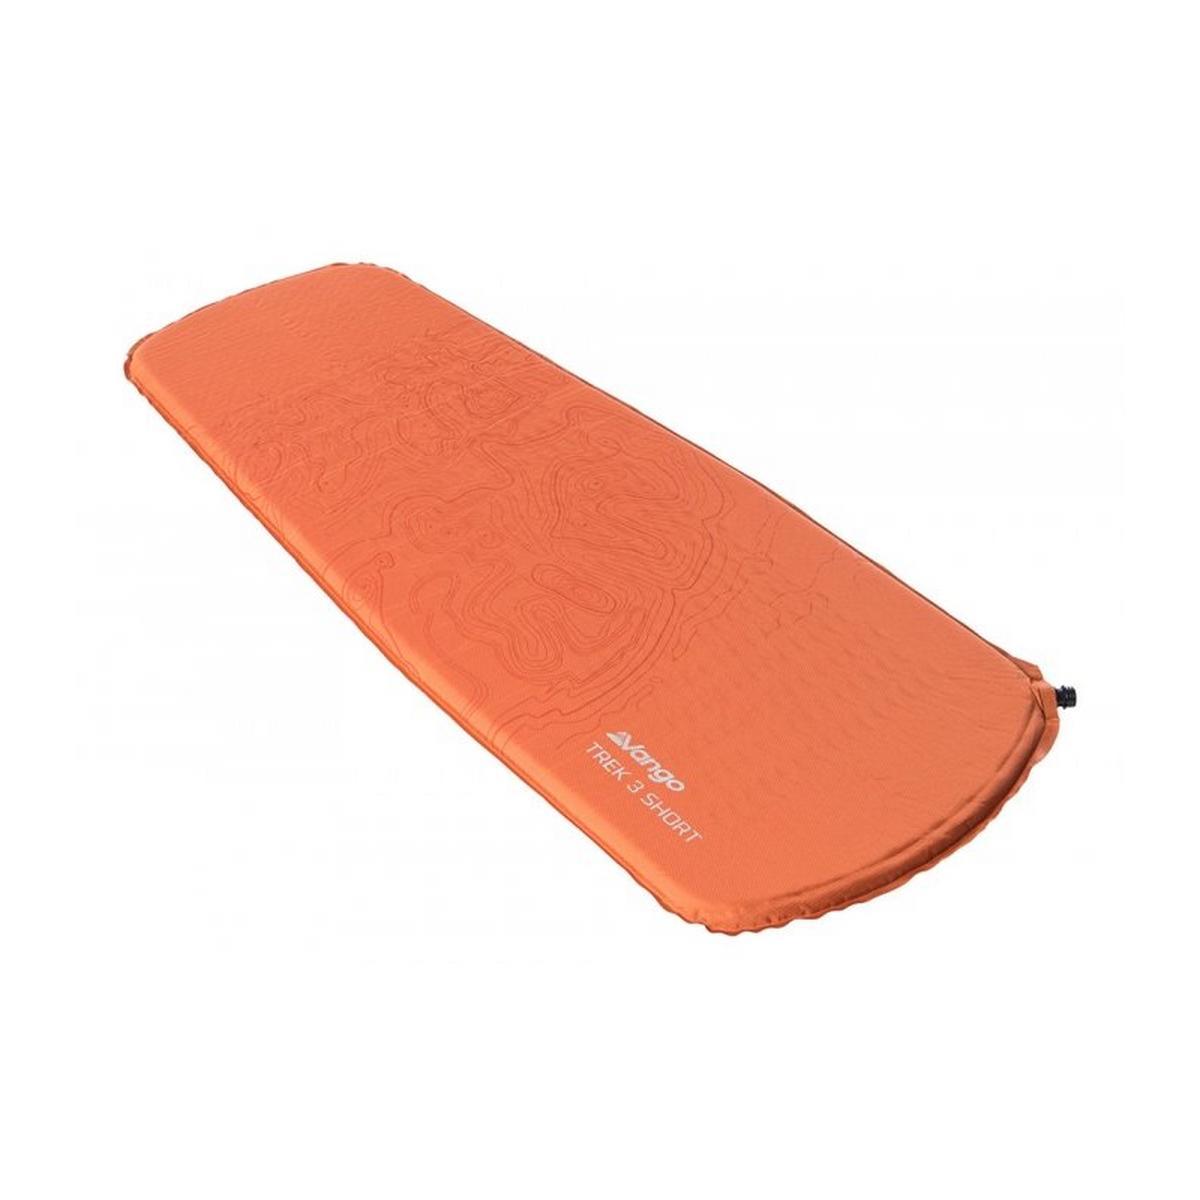 Vango Trek 3 Short Sleeping Mat - Orange